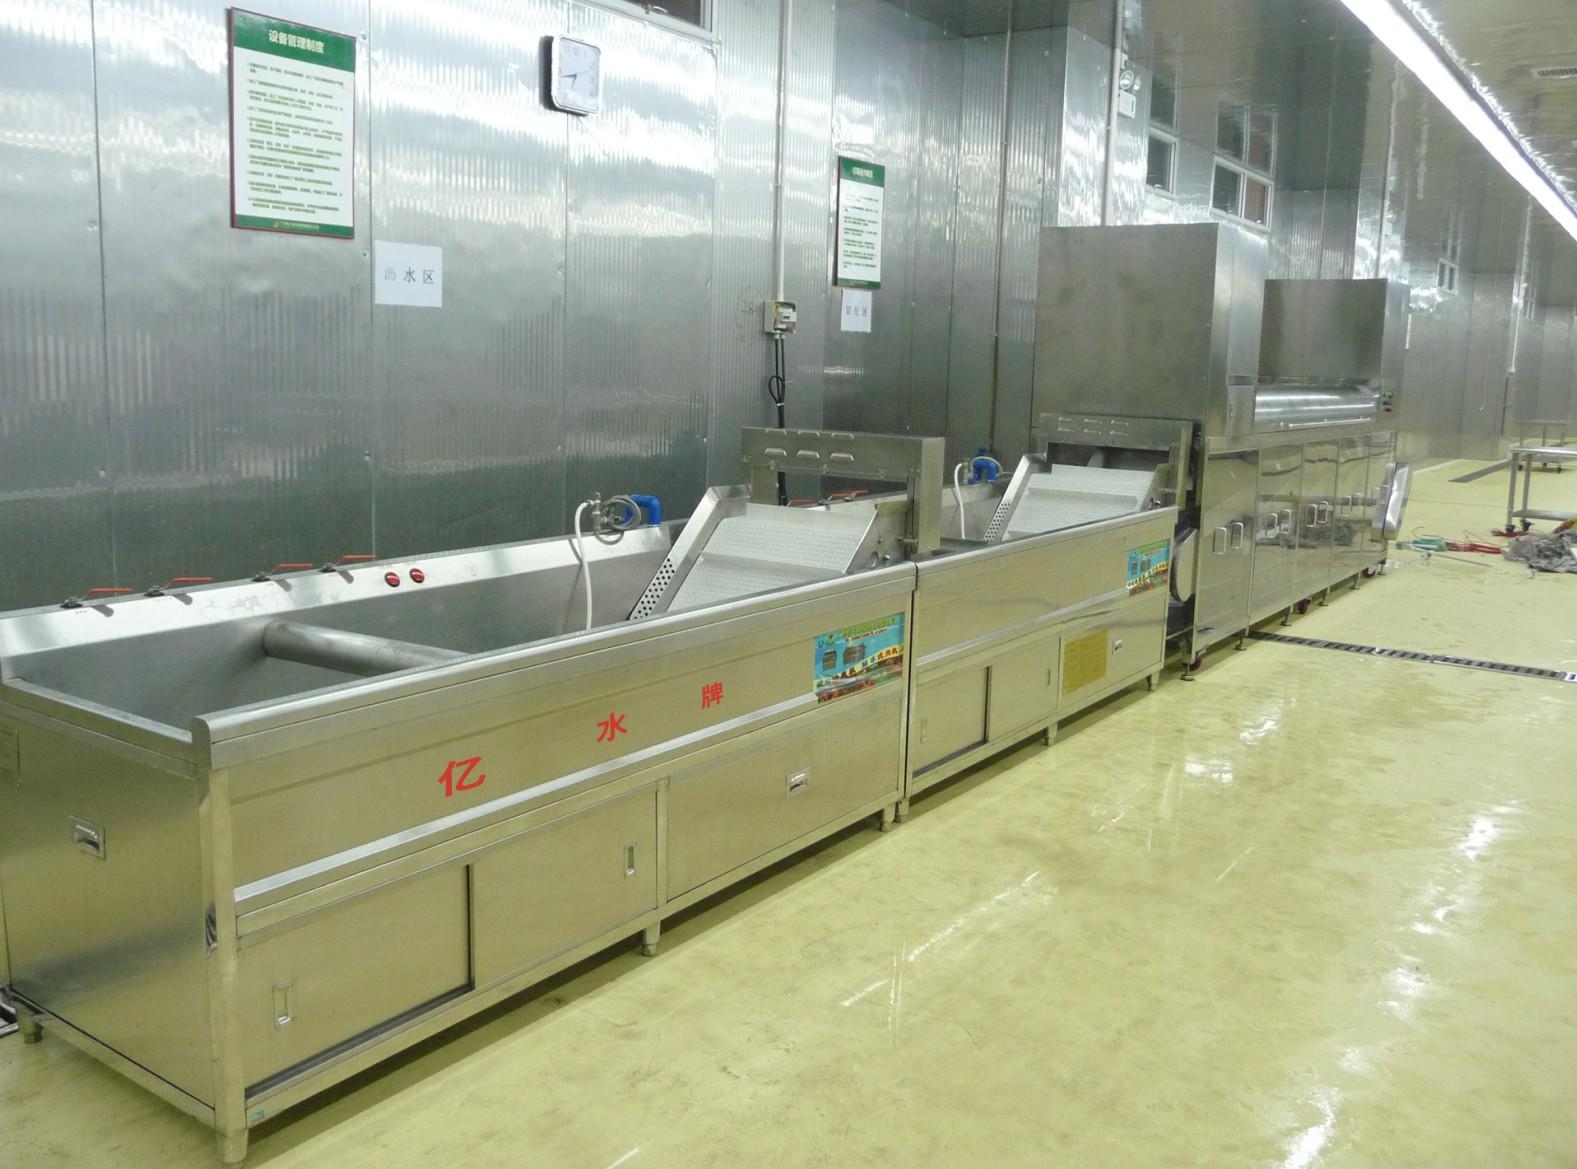 净菜配送中心用洗菜机